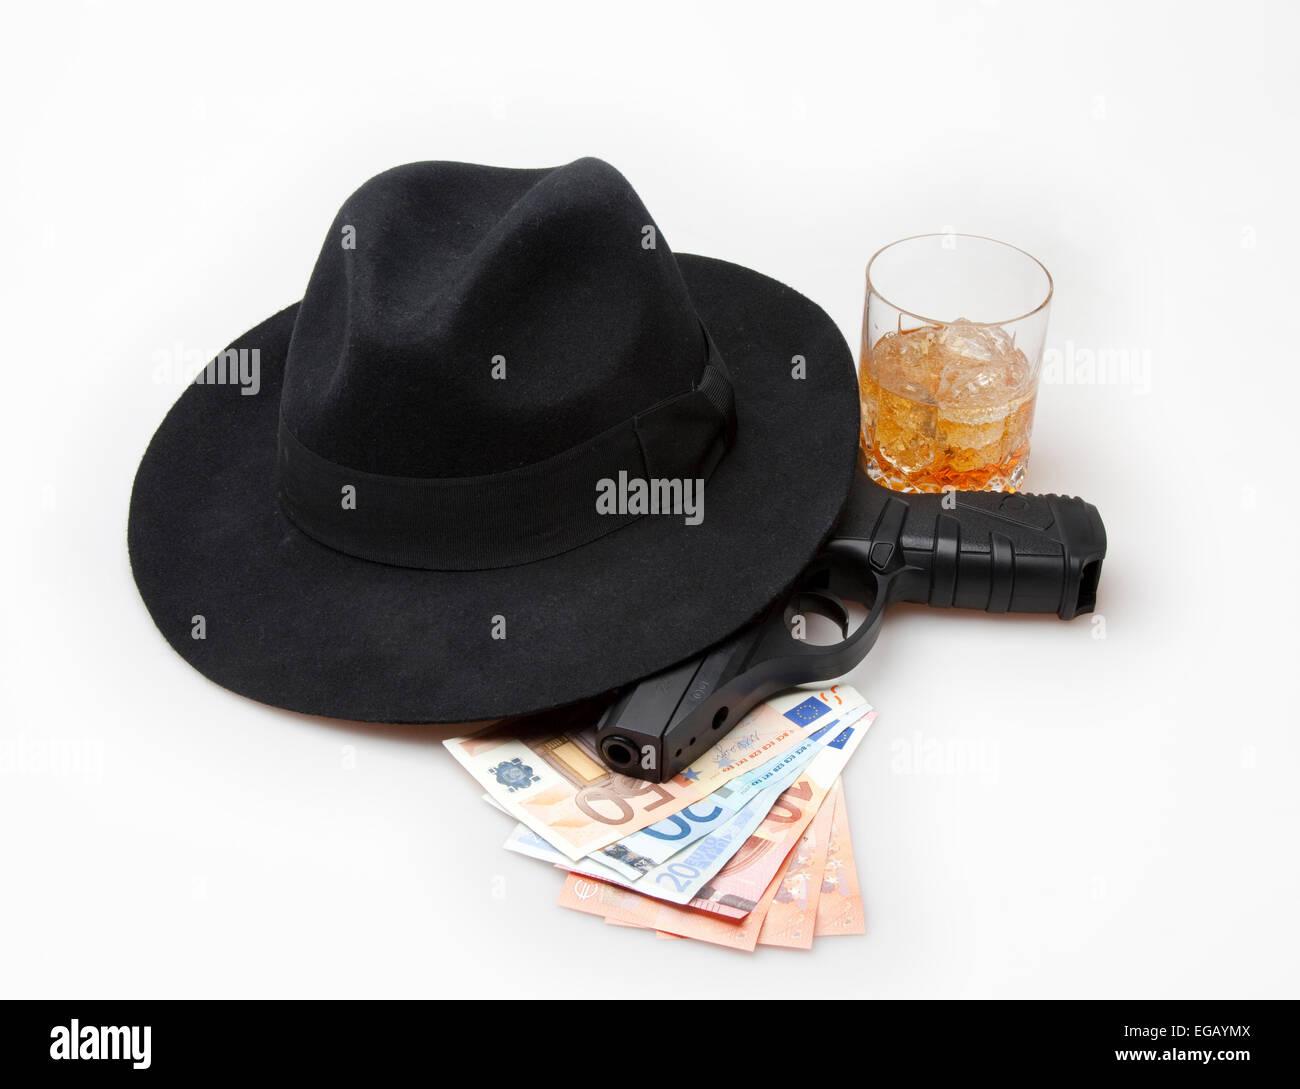 Gangster gun loot - Stock Image